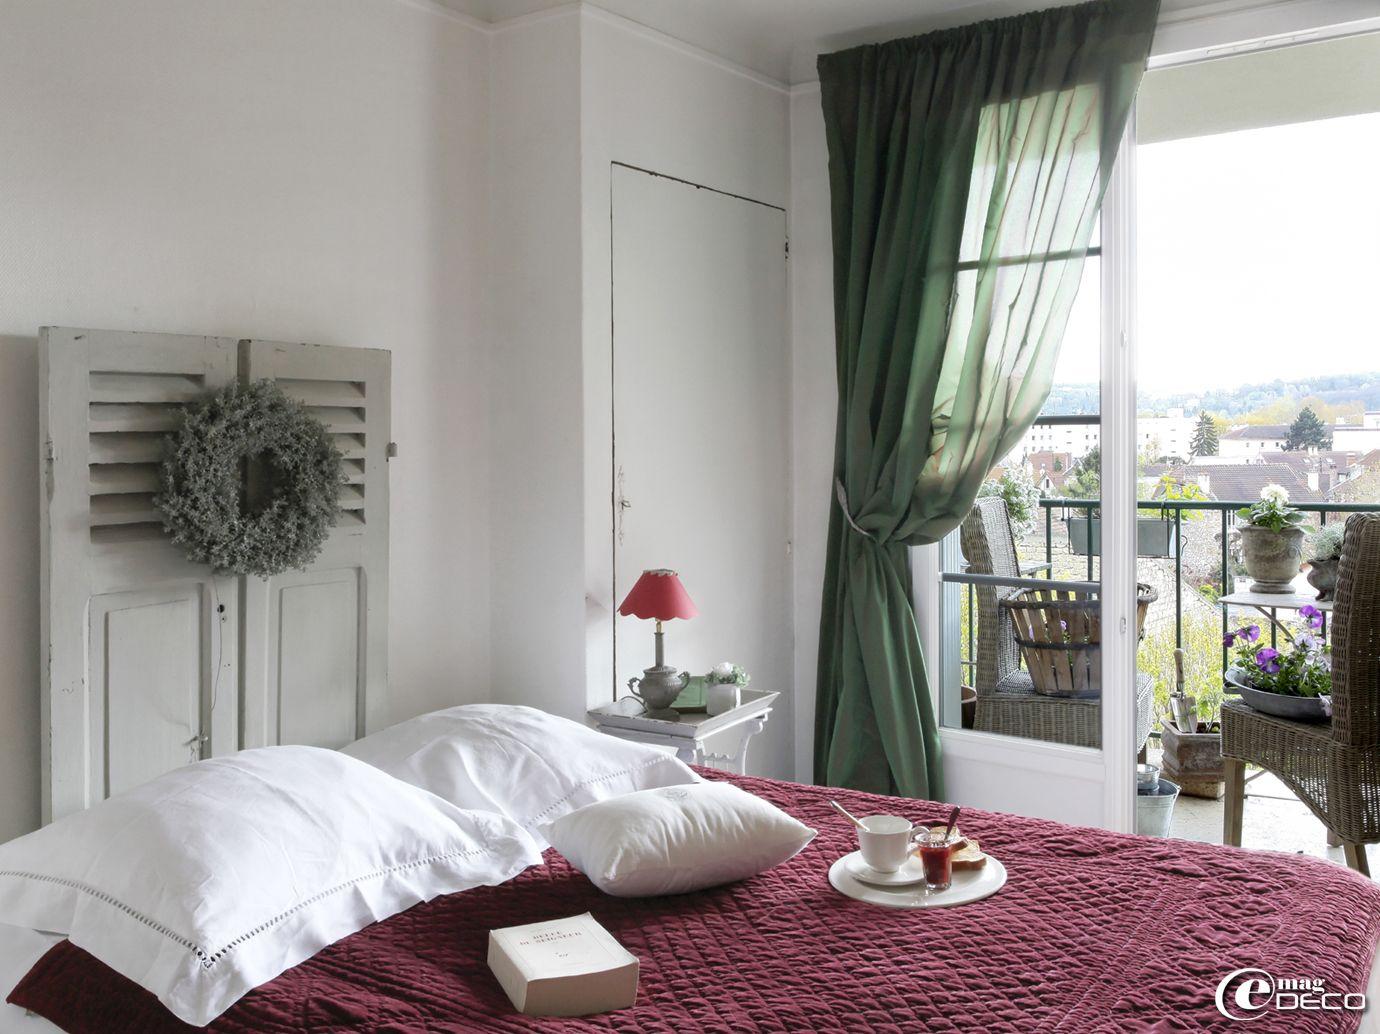 E Magdeco Quot Le Couvent Des Roses Quot Bedrooms Pinterest